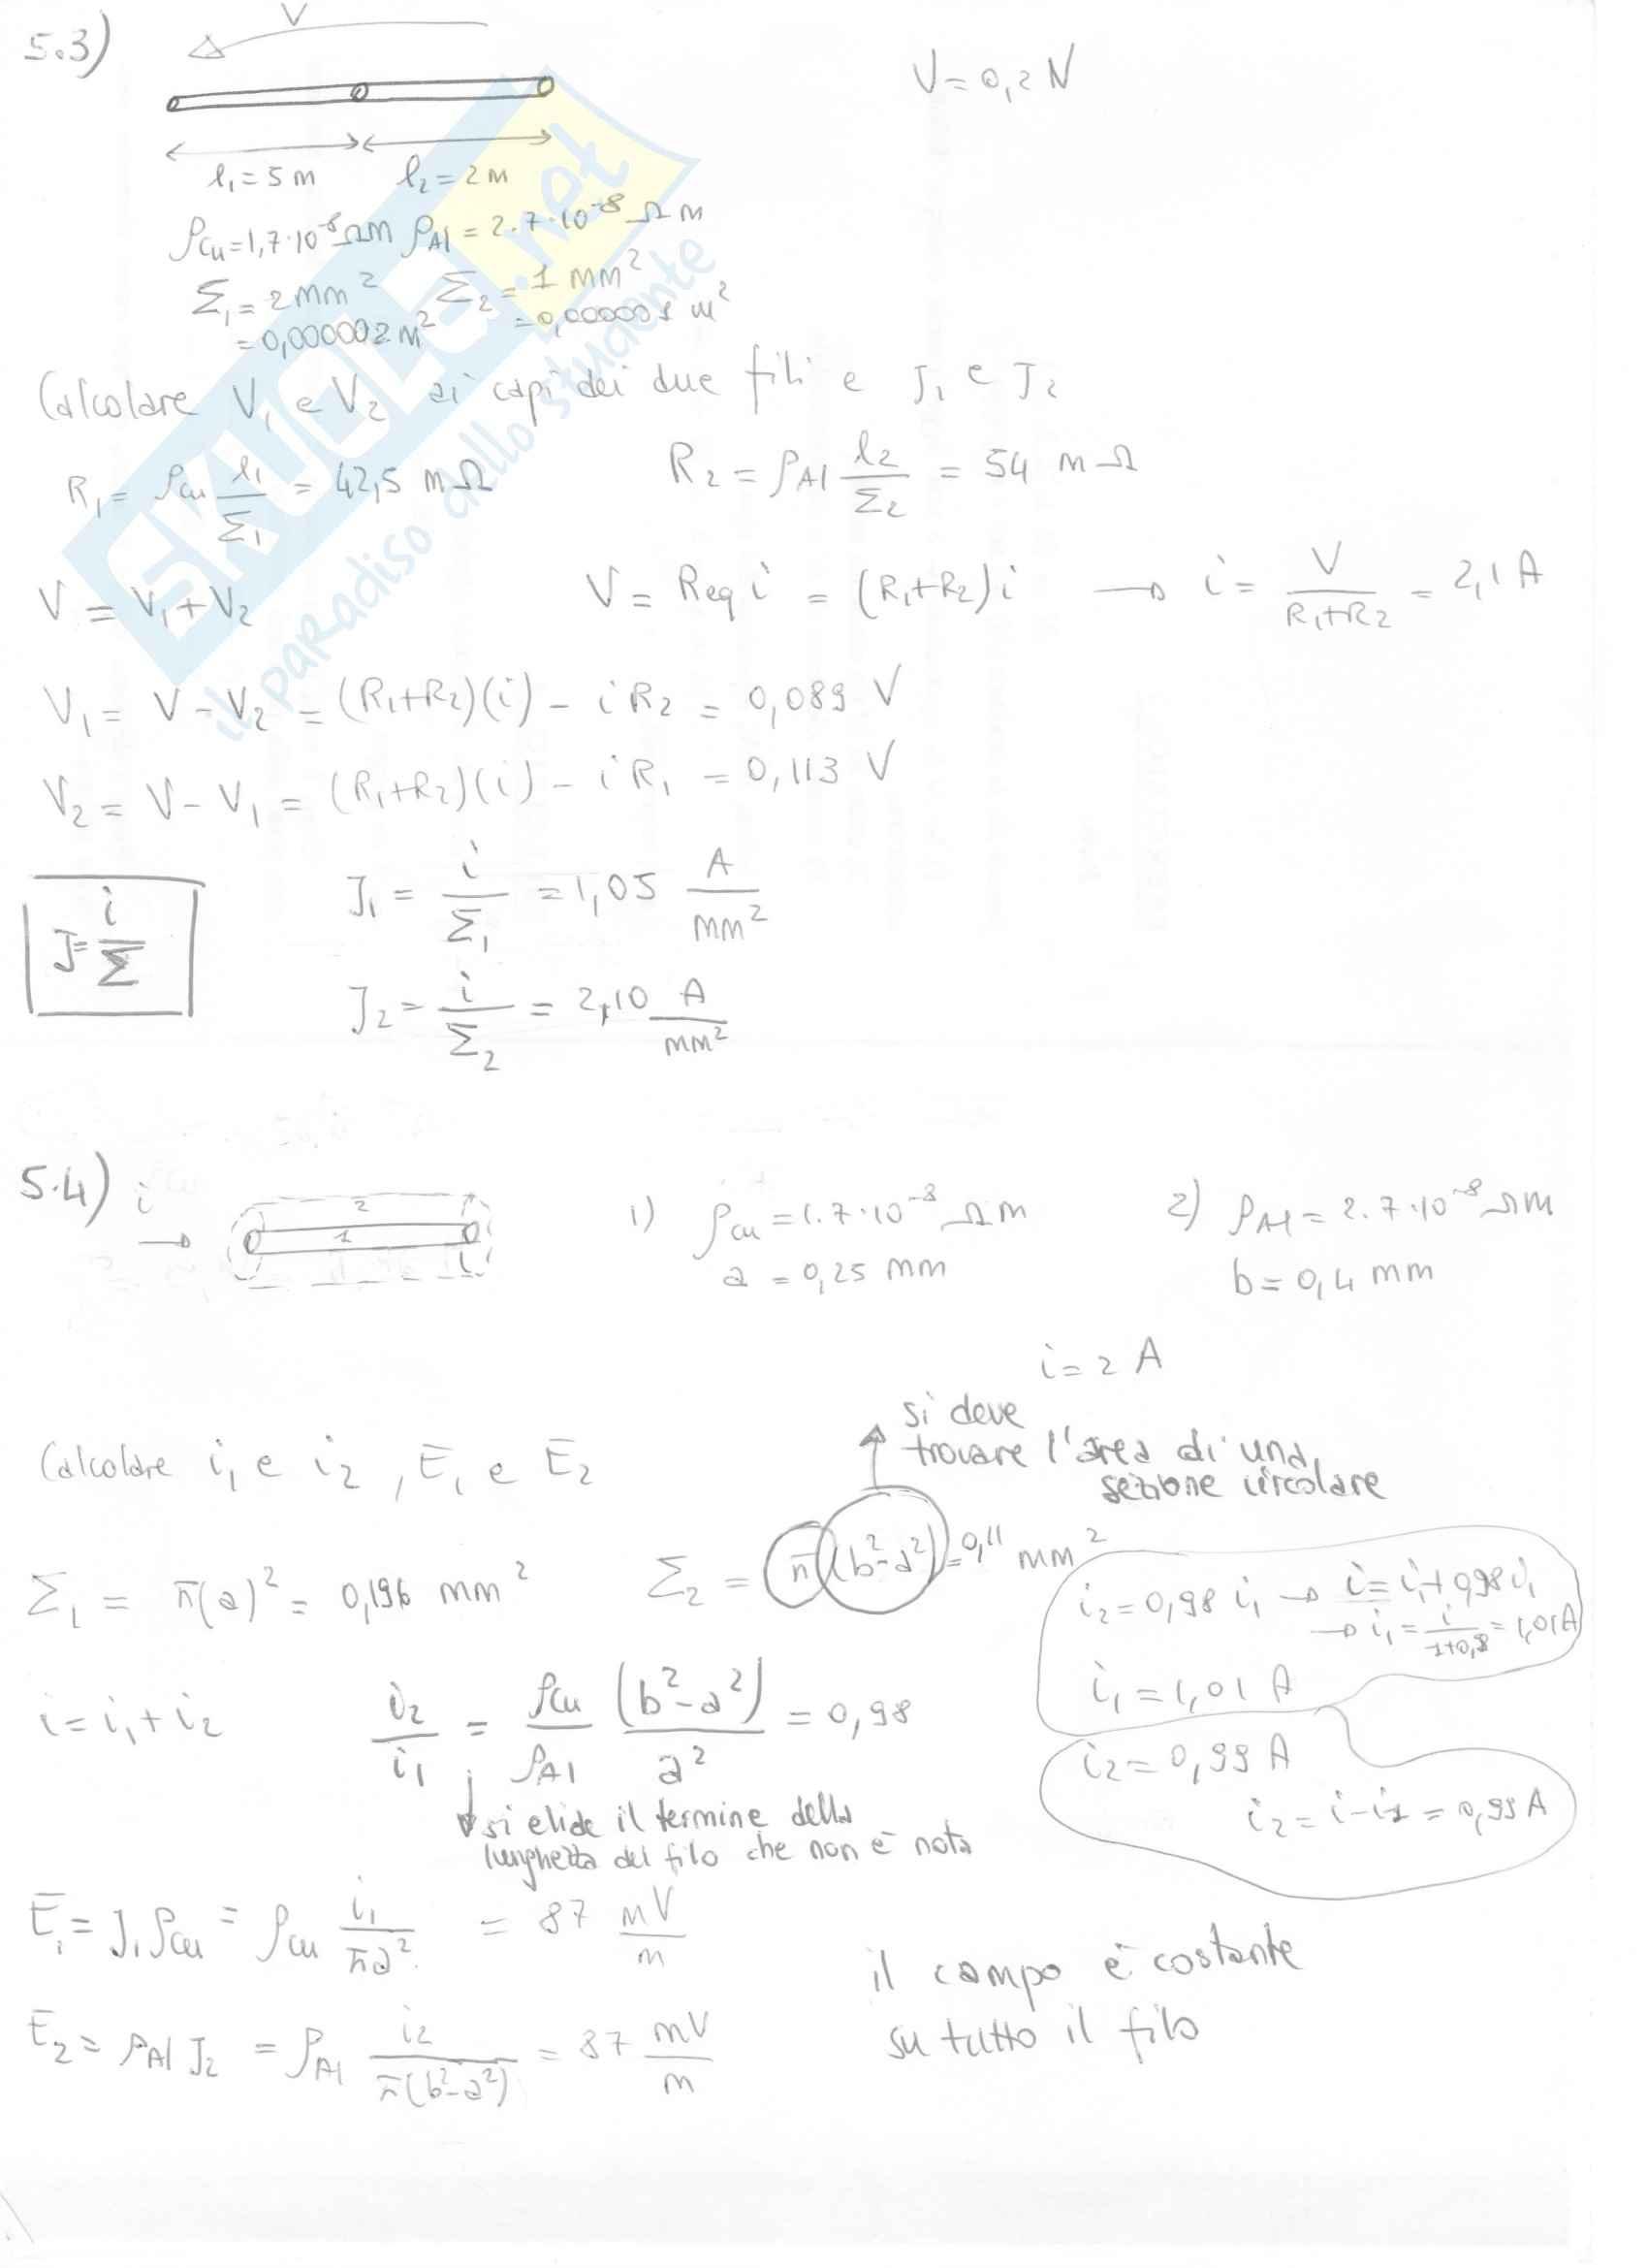 Fisica II - Esercizi svolti capitoli 5 e 6